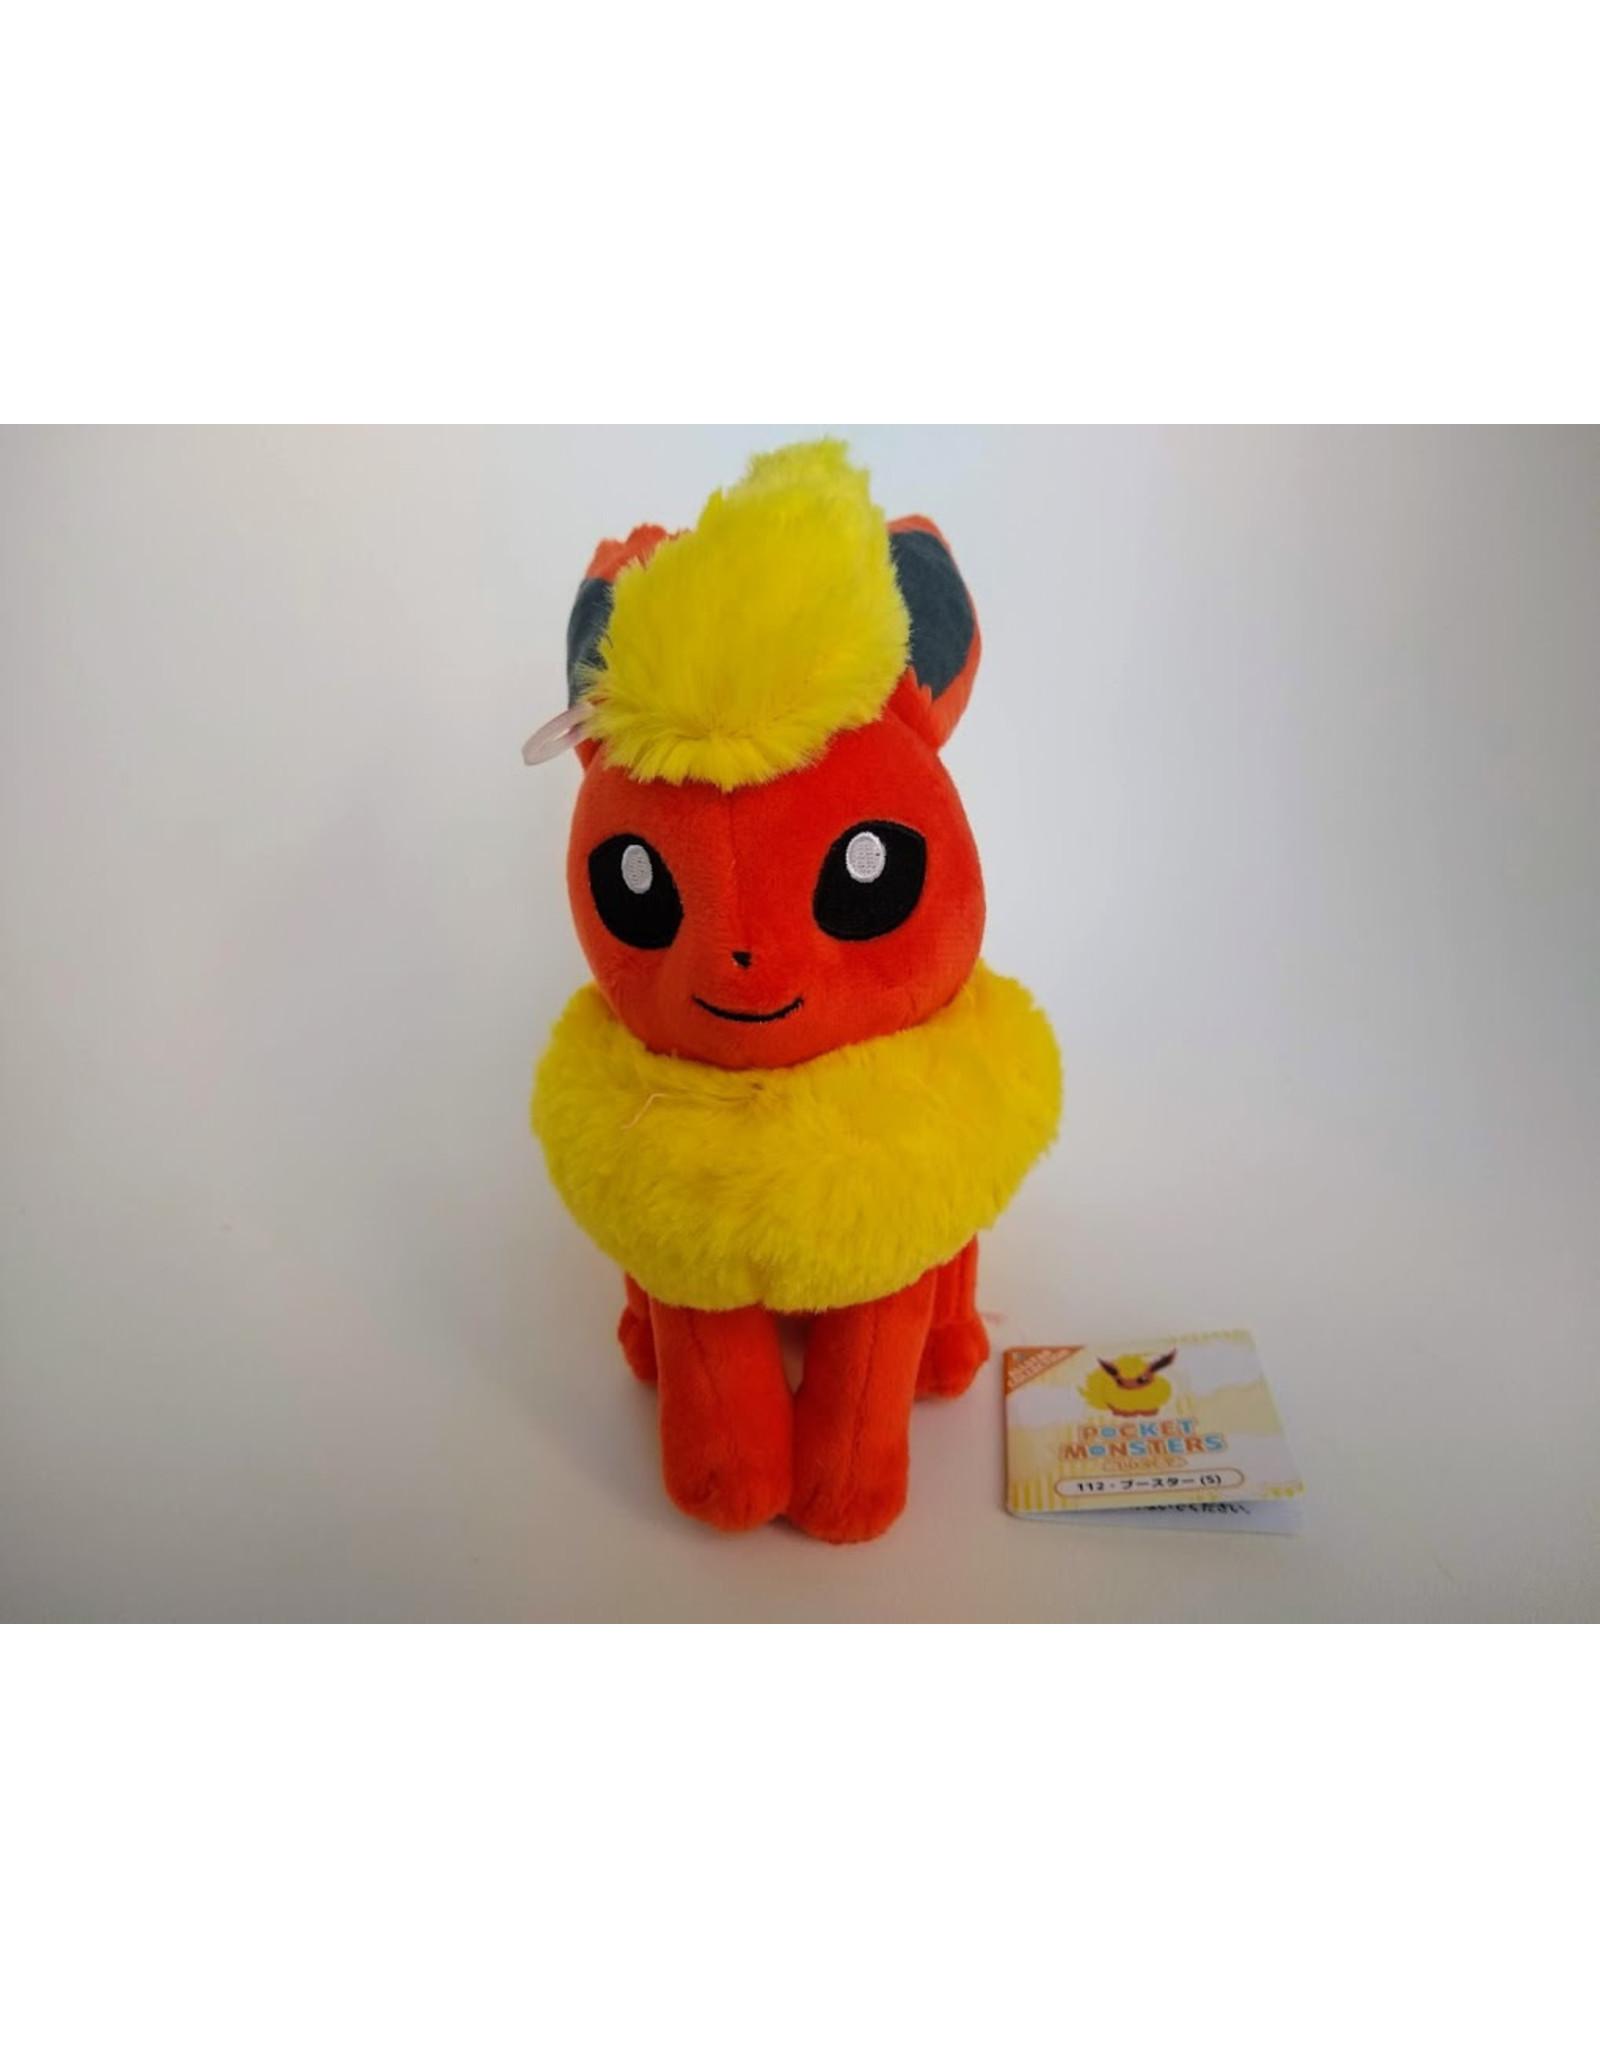 Flareon - Pokemon Plushie - 20cm (Japanese import)